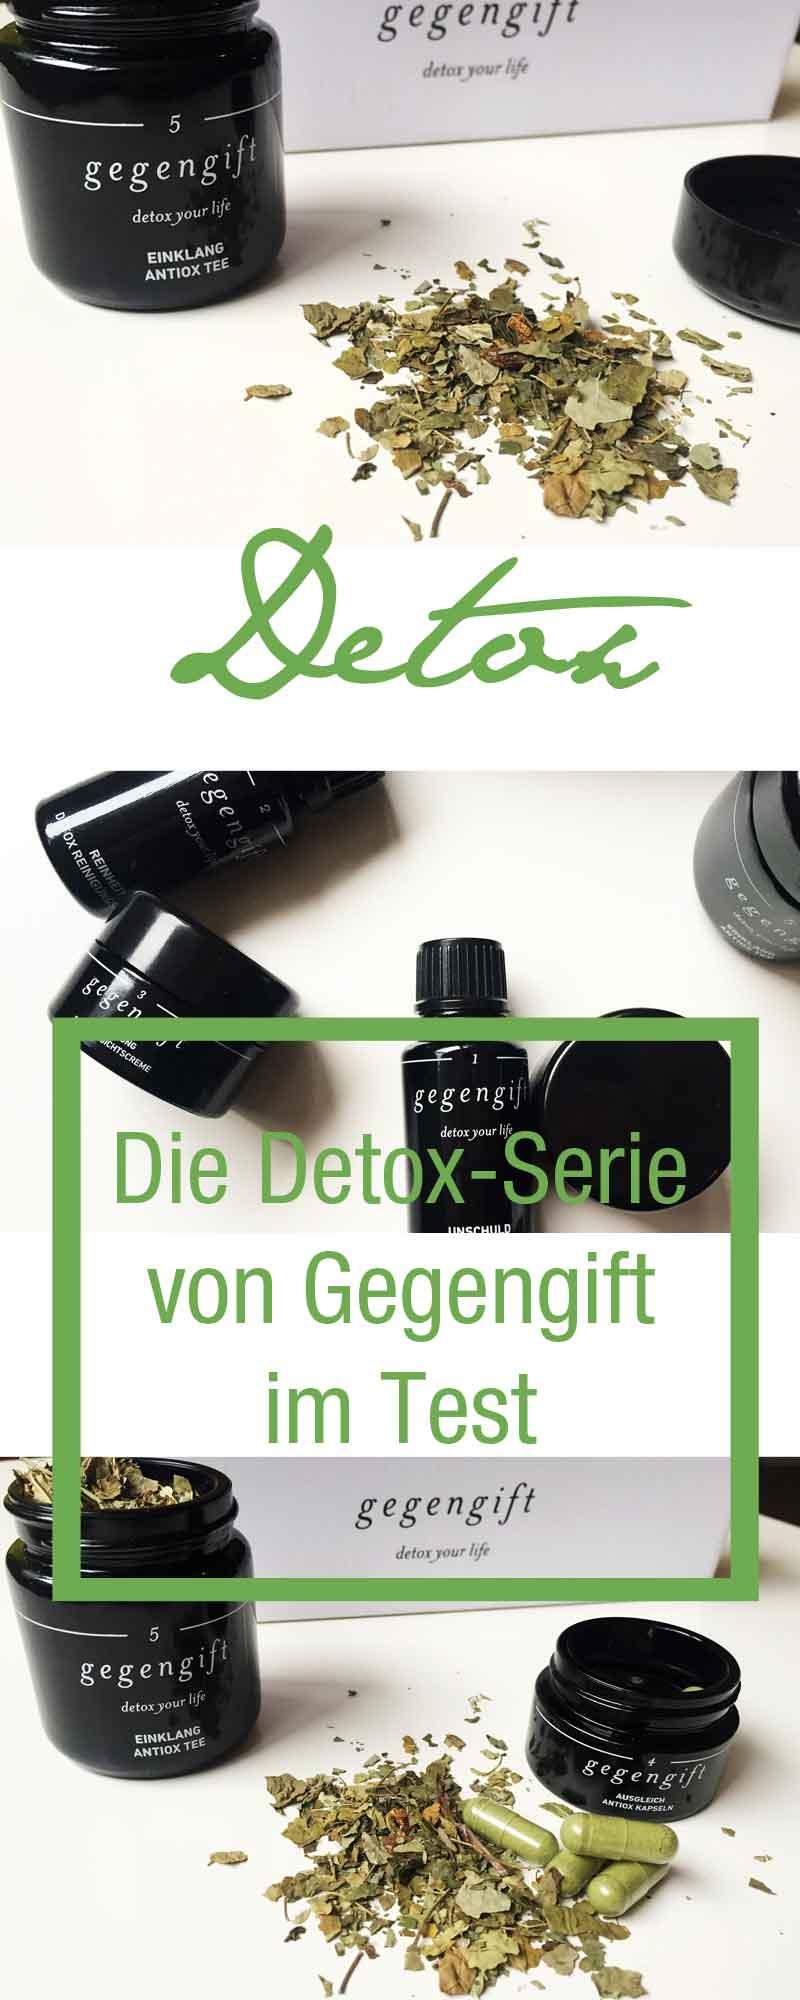 Detox im test, Beauty, Schönheit, gesund, Gesundheit, Detox, Gegengift,